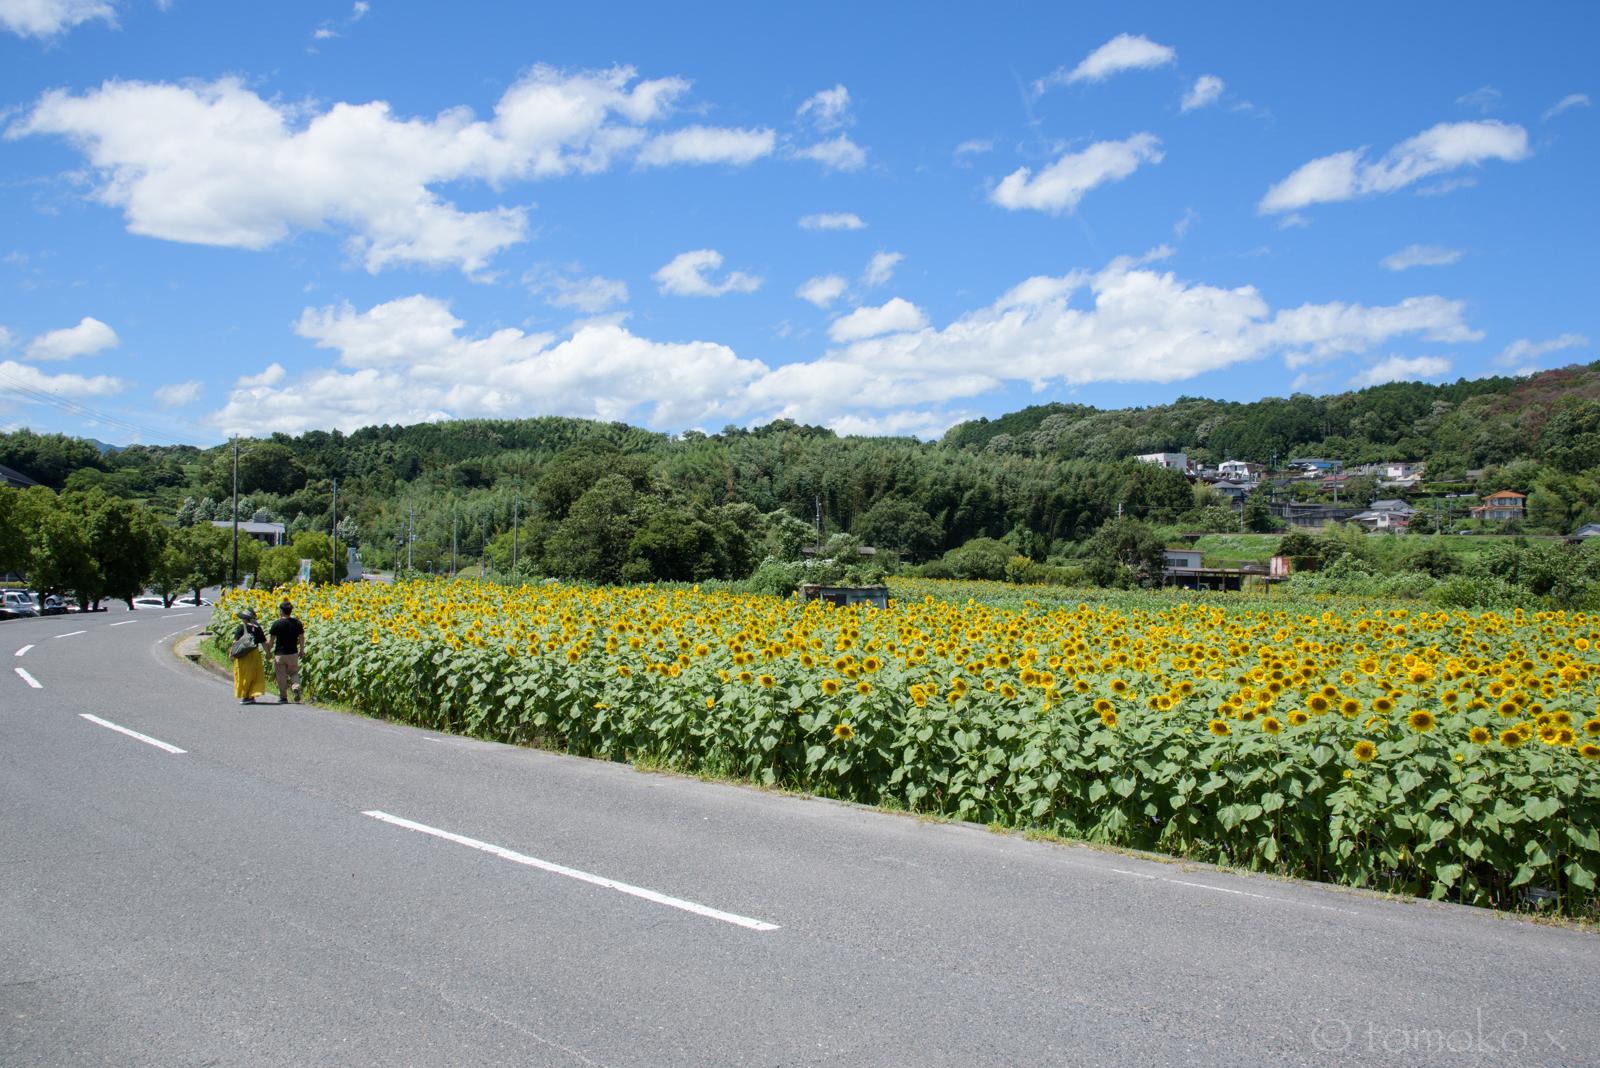 五條上野公園のひまわり畑と青空